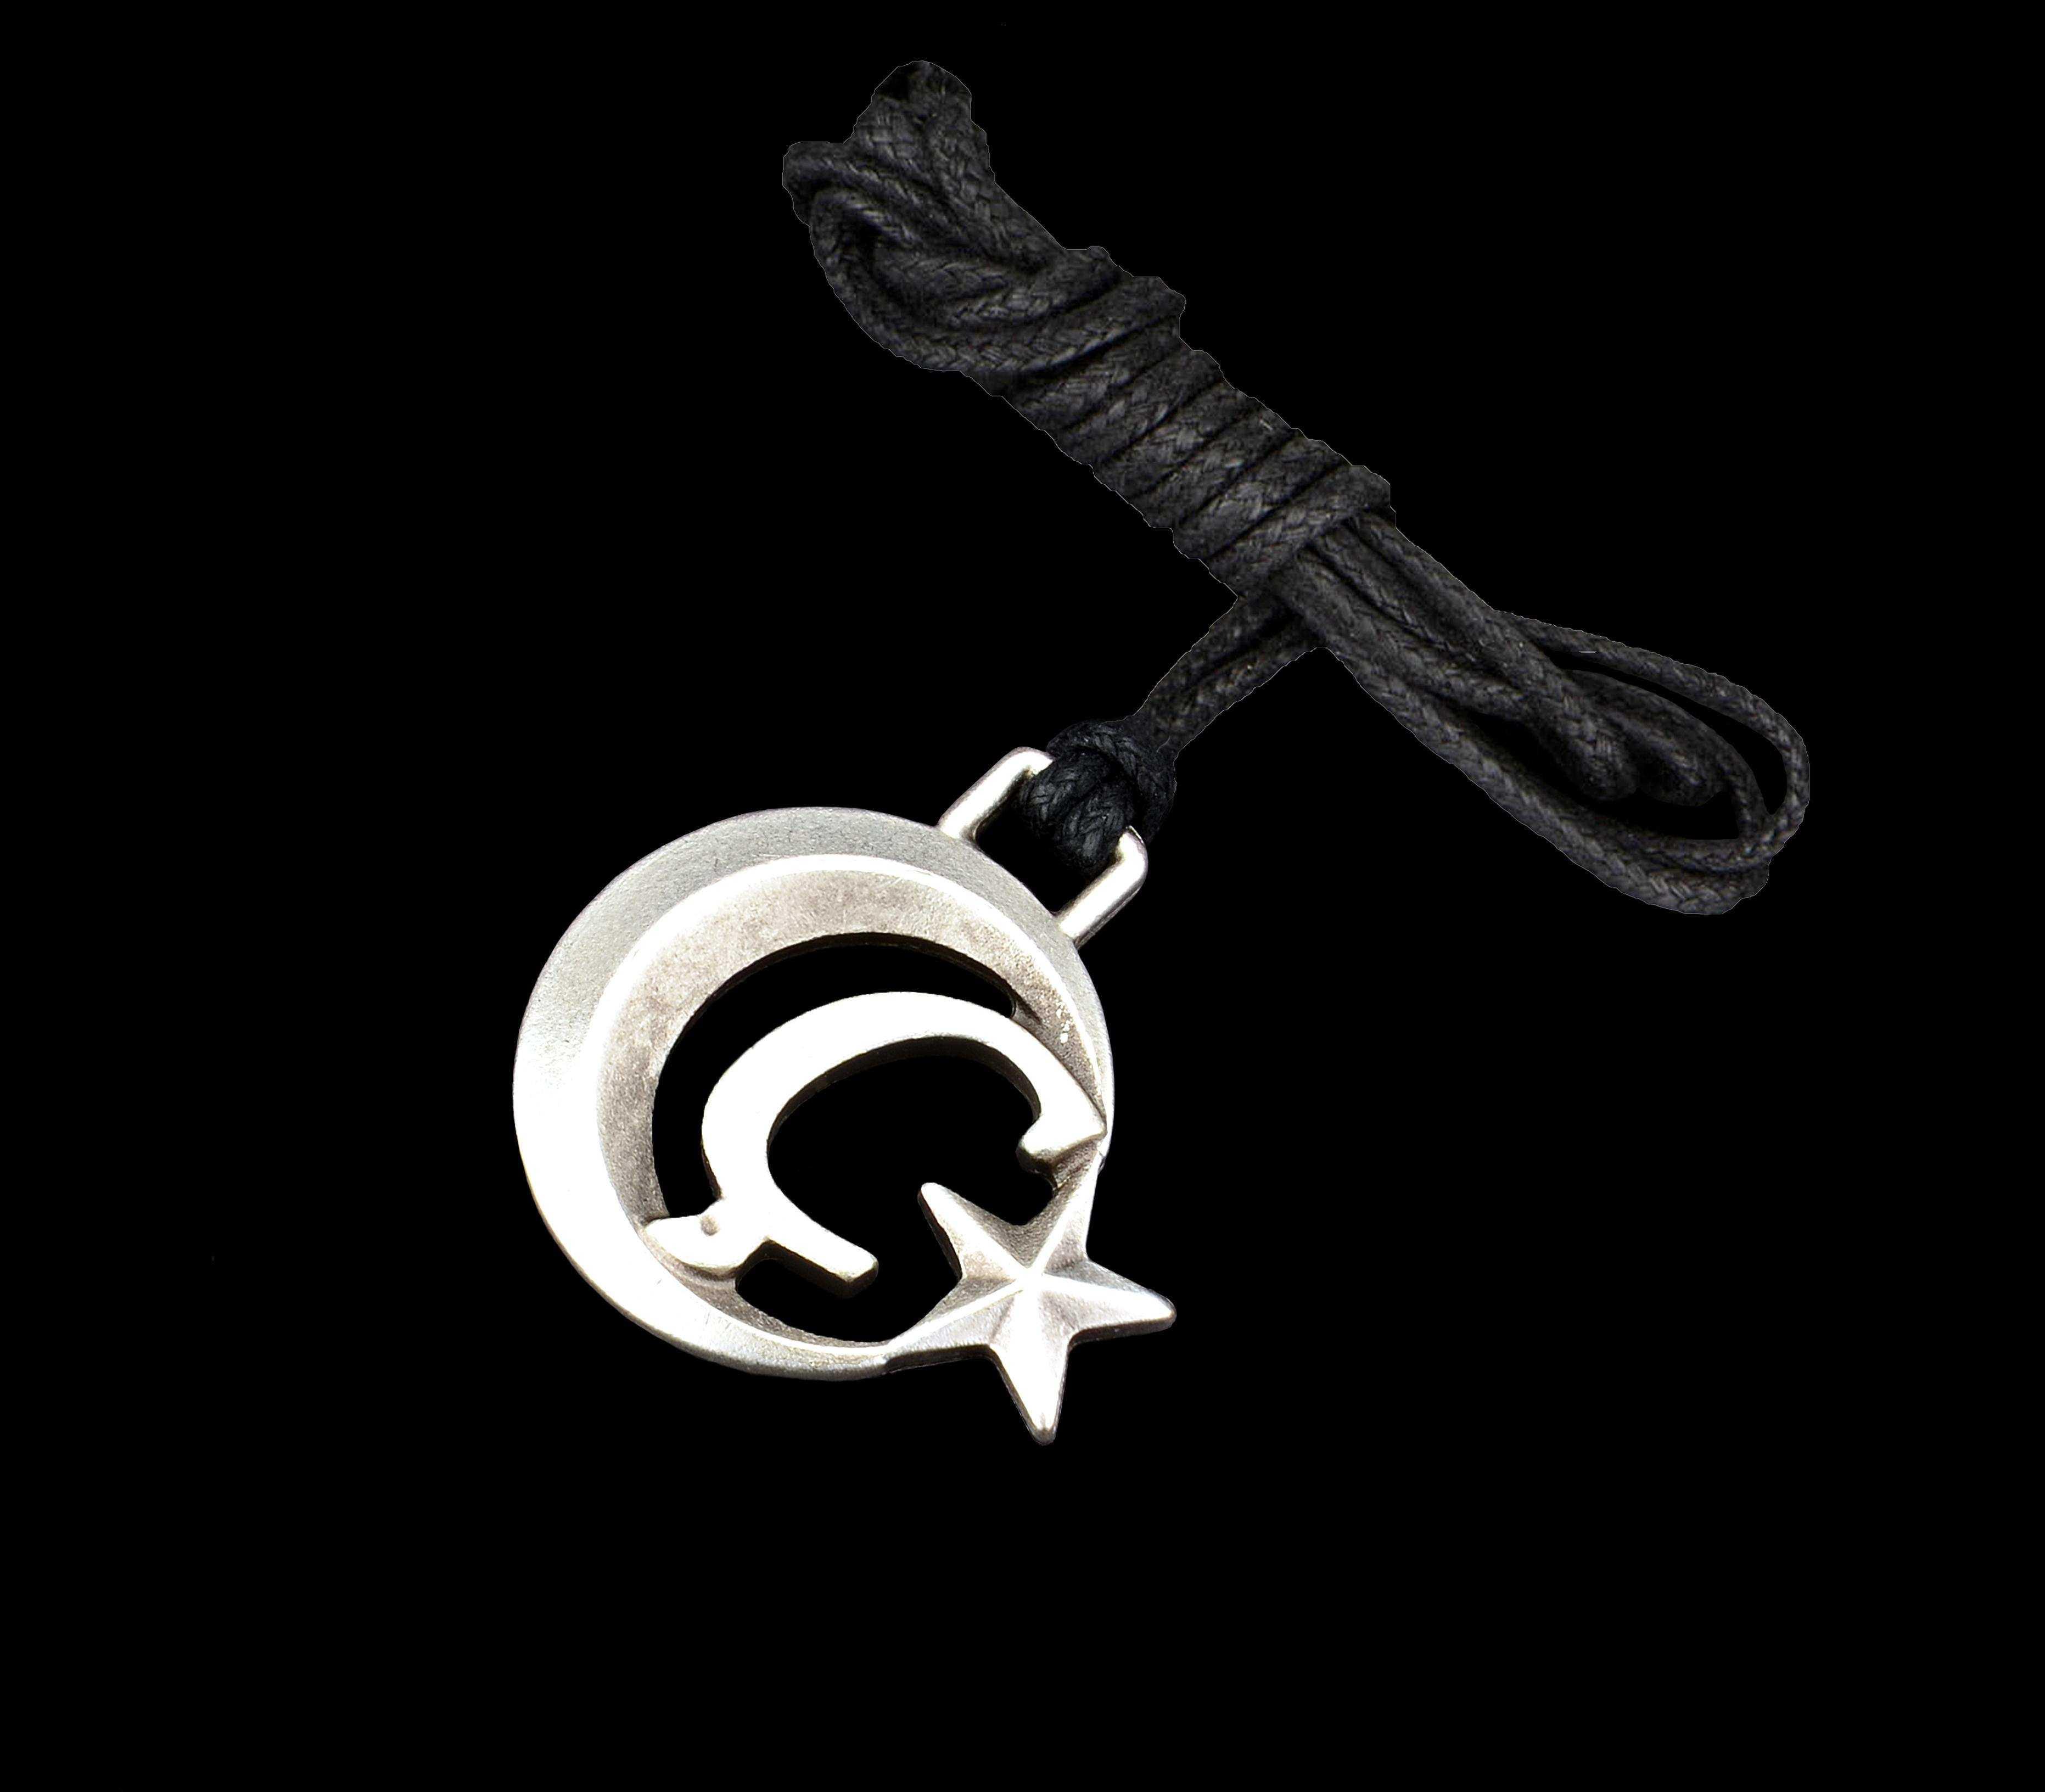 Ay Yıldızlı Ç Harfli Kolye - KOL0146